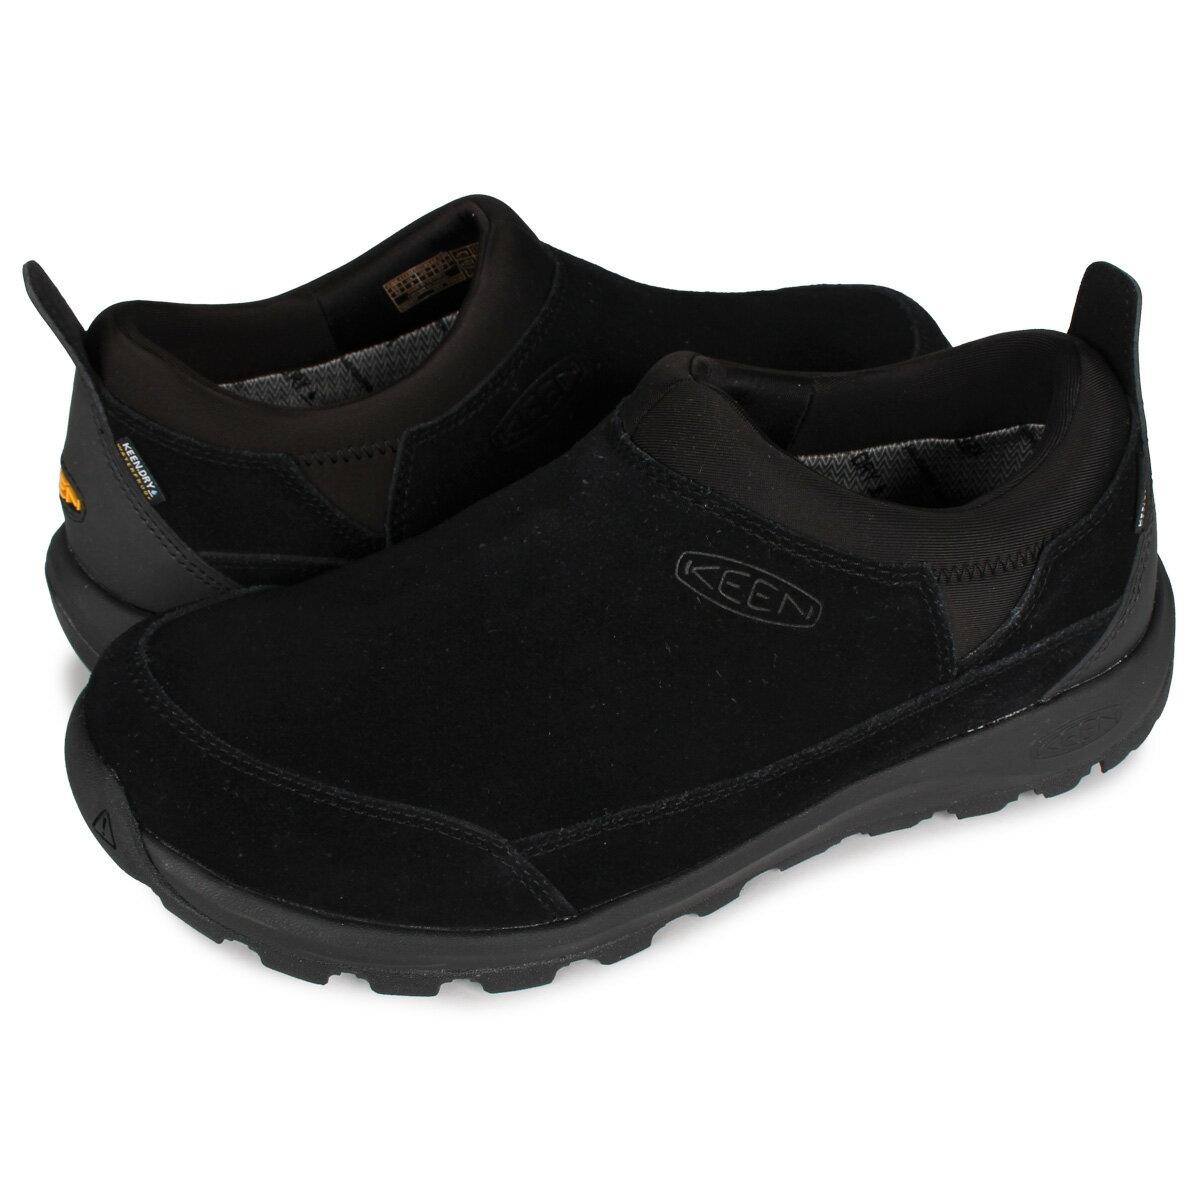 メンズ靴, スリッポン KEEN GLIESER MOC WP M 1023837